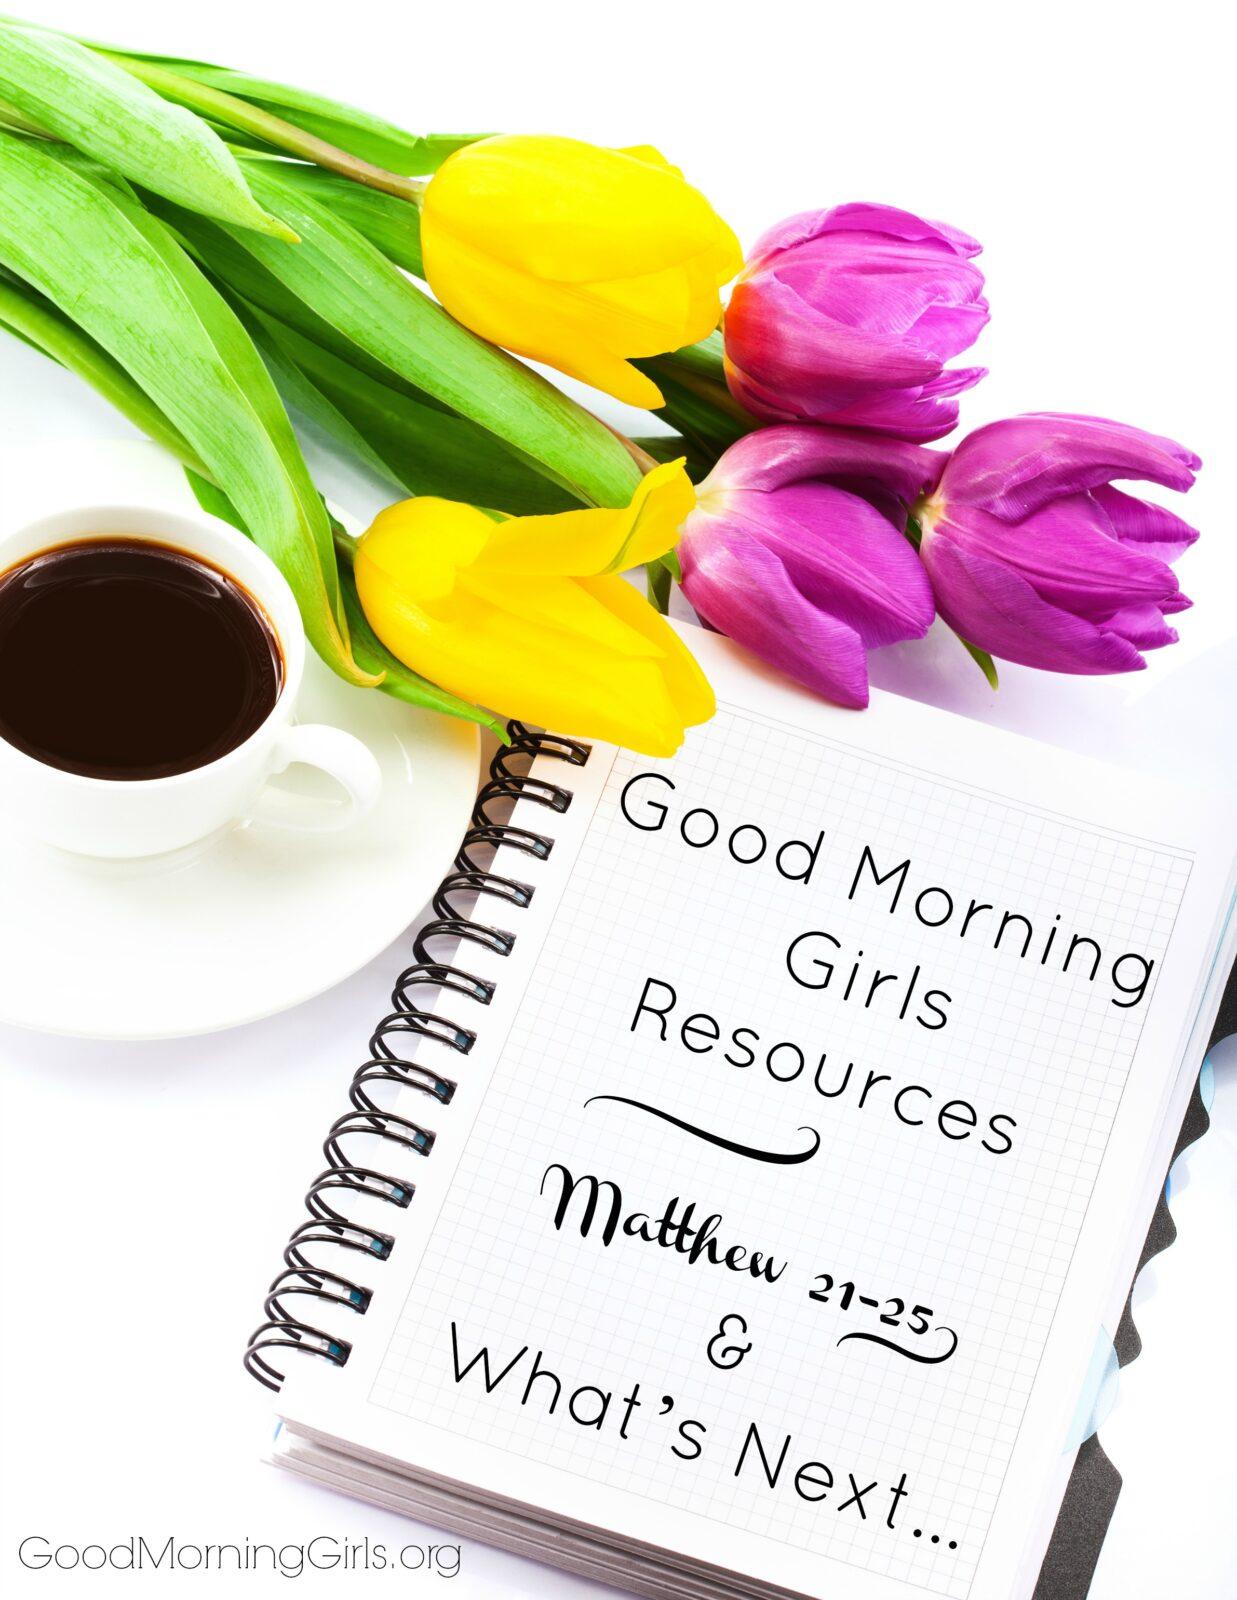 Good Morning Girls Resources {Matthew 21-25} & What's Next…